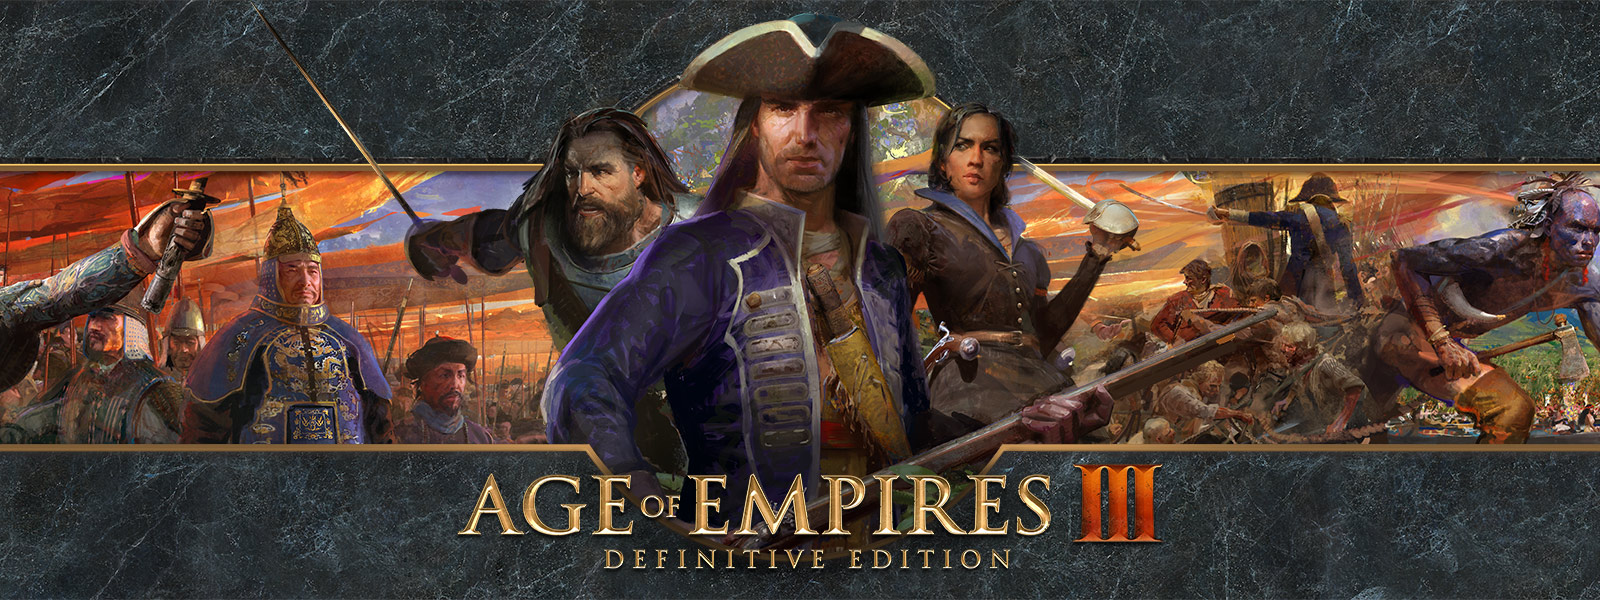 Age of EmpiresIII: Definitive Edition-Logo vor einem Hintergrund mit Kriegsführern und ihren Armeen